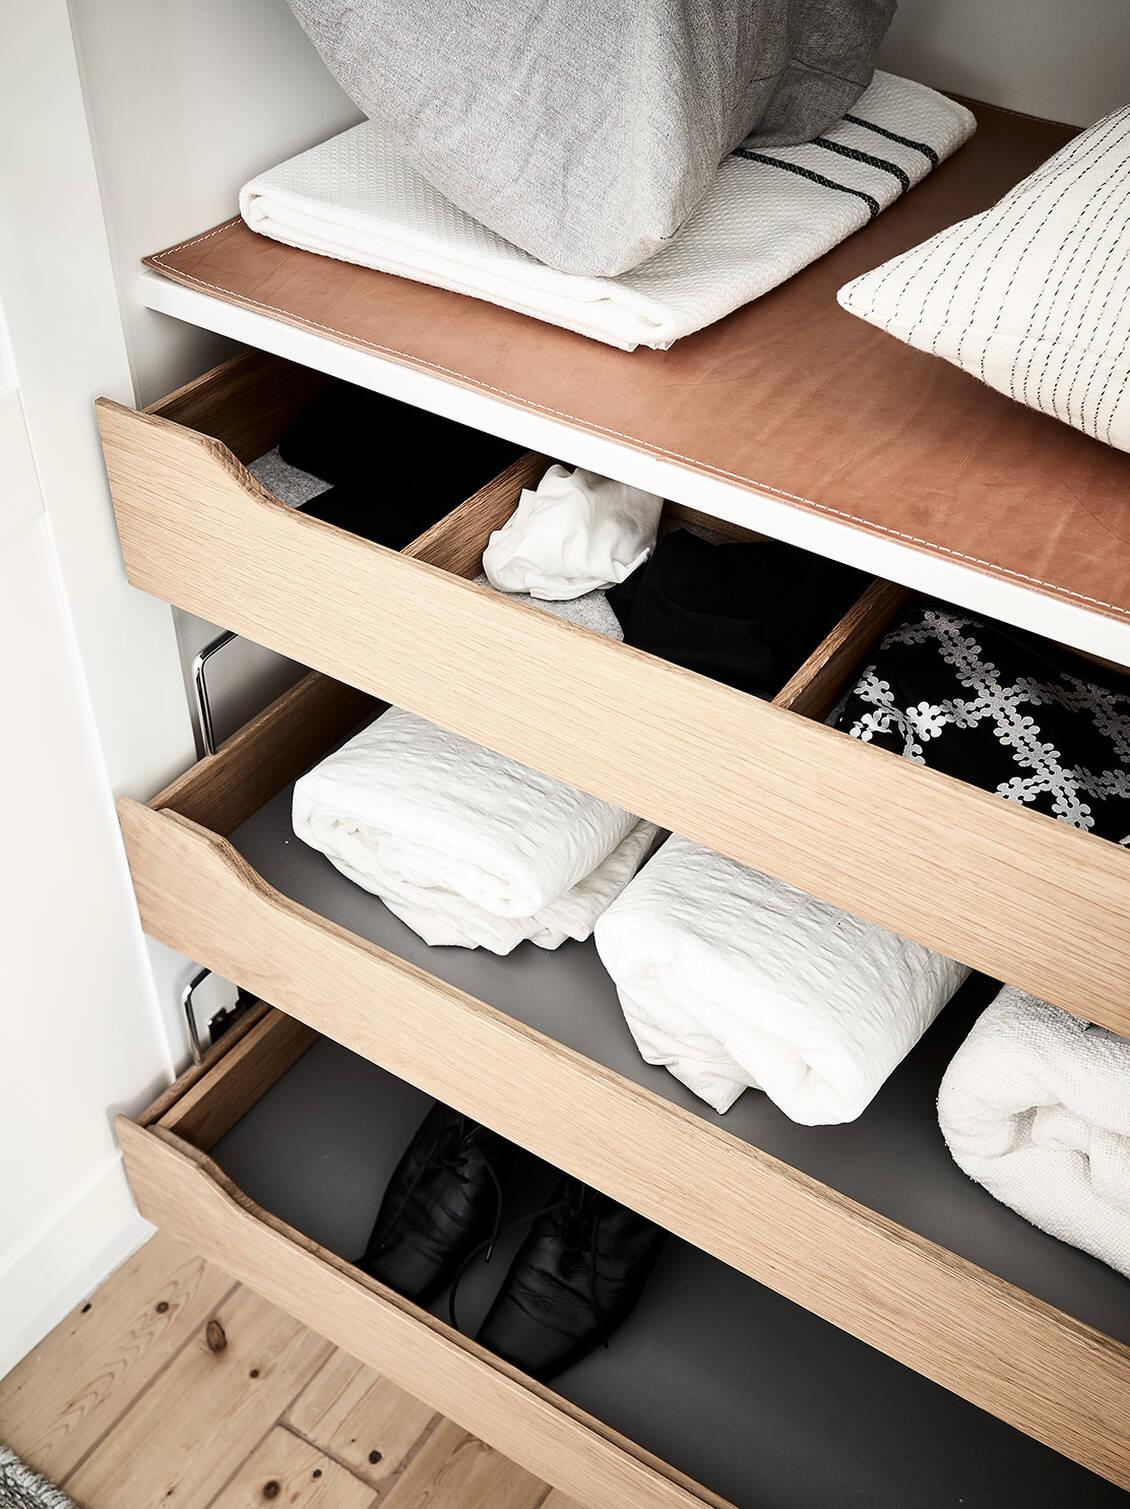 ..eklådor, filtunderlägg och läderklädda galgstänger.